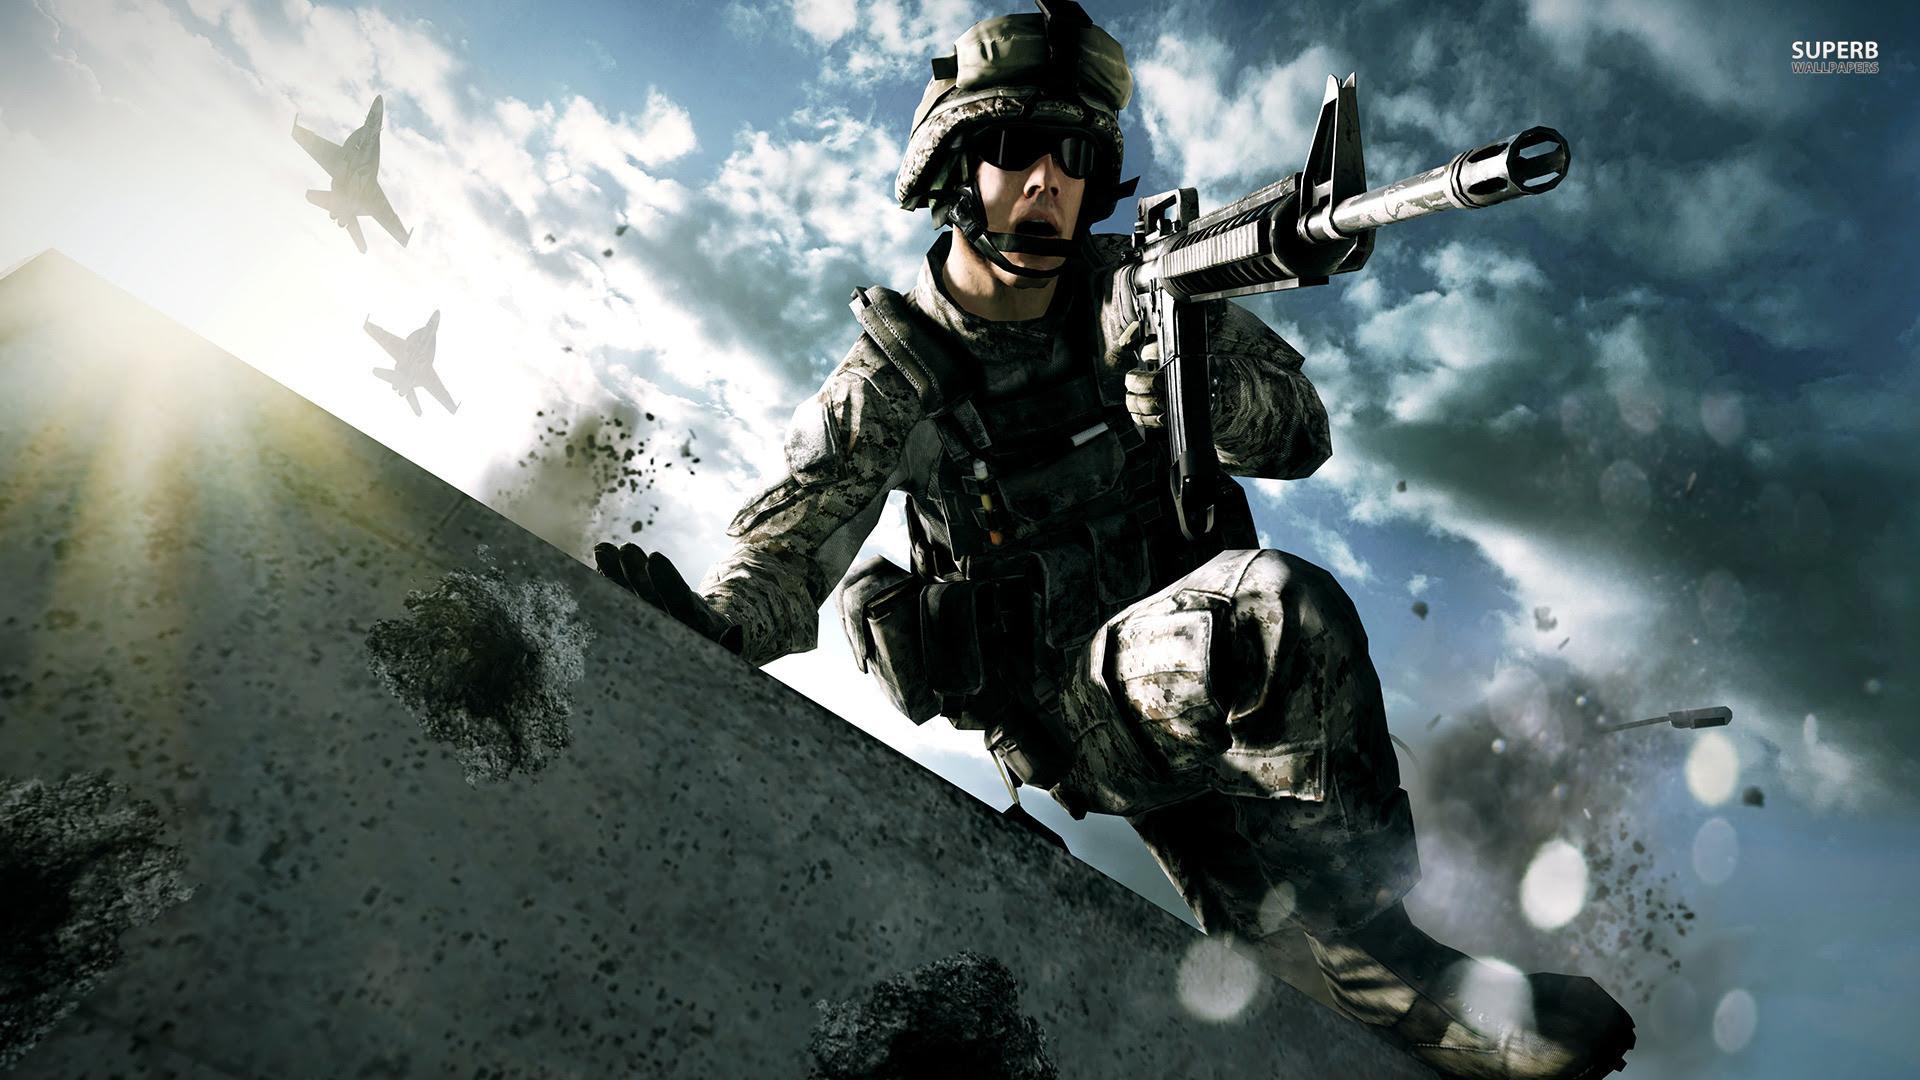 Battlefield 4 Wallpaper 1920x1080 52184